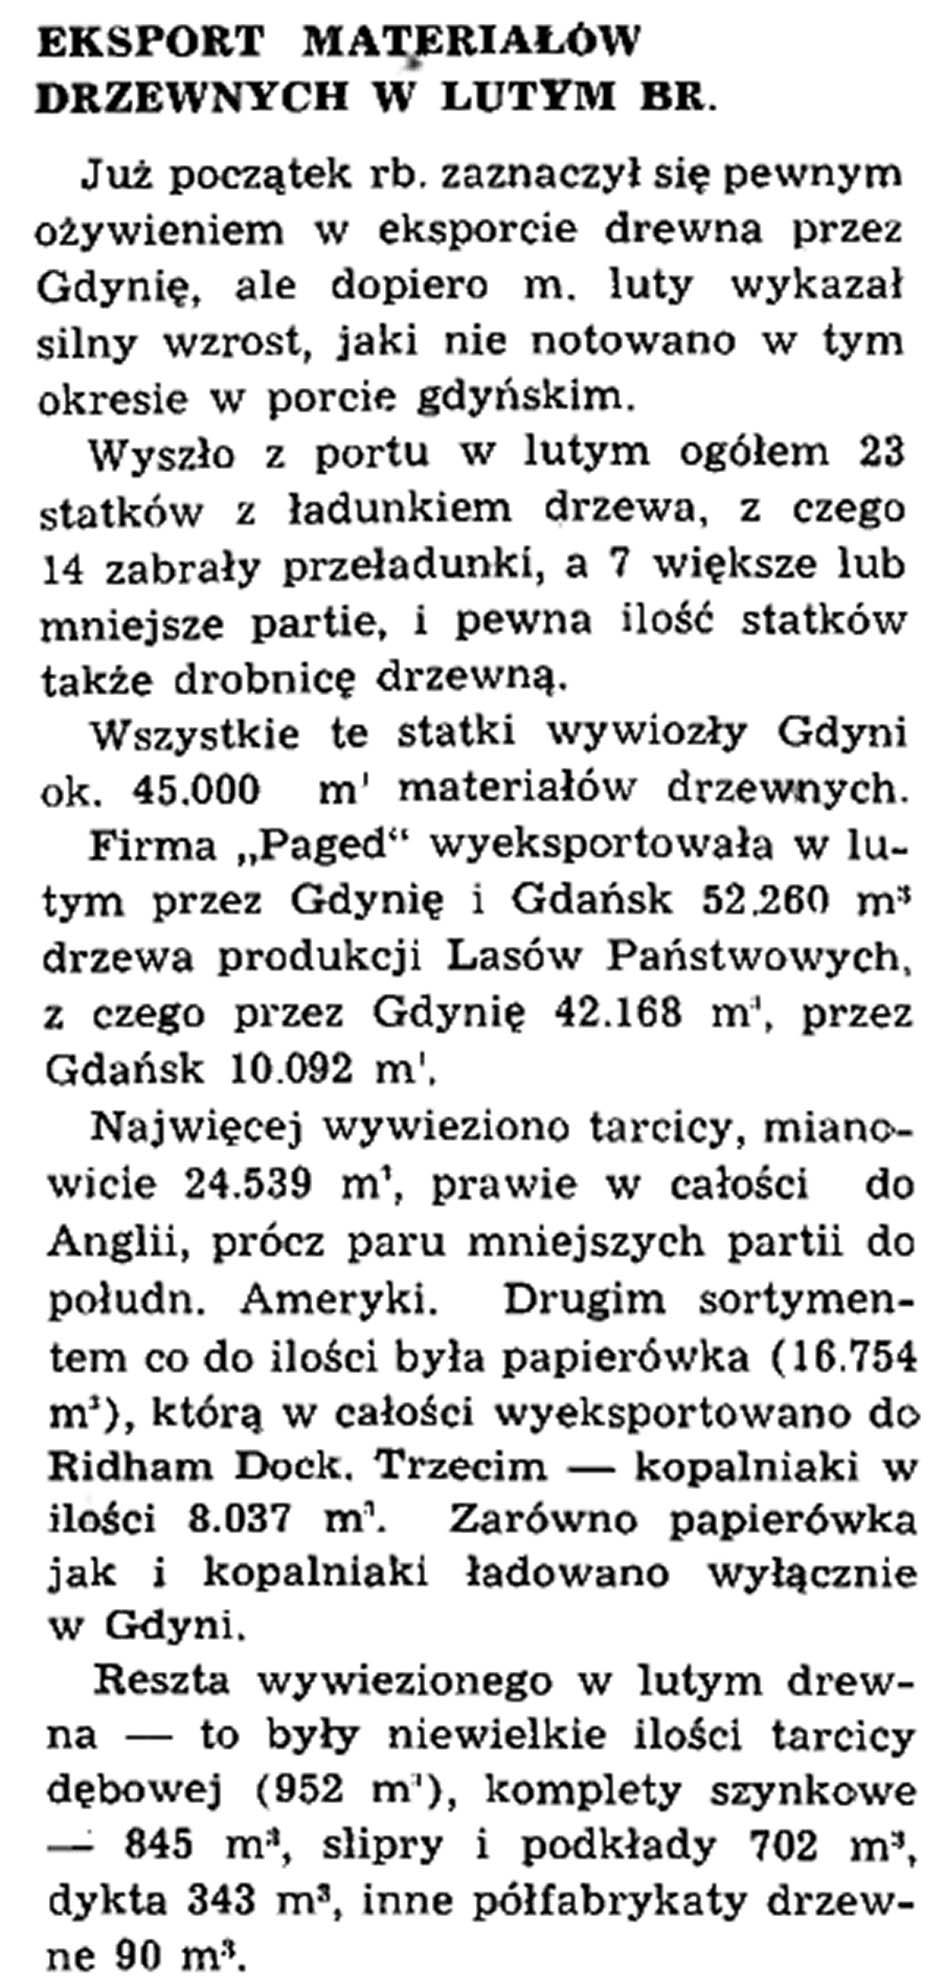 Eksport materiałów drzewnych w lutym br.